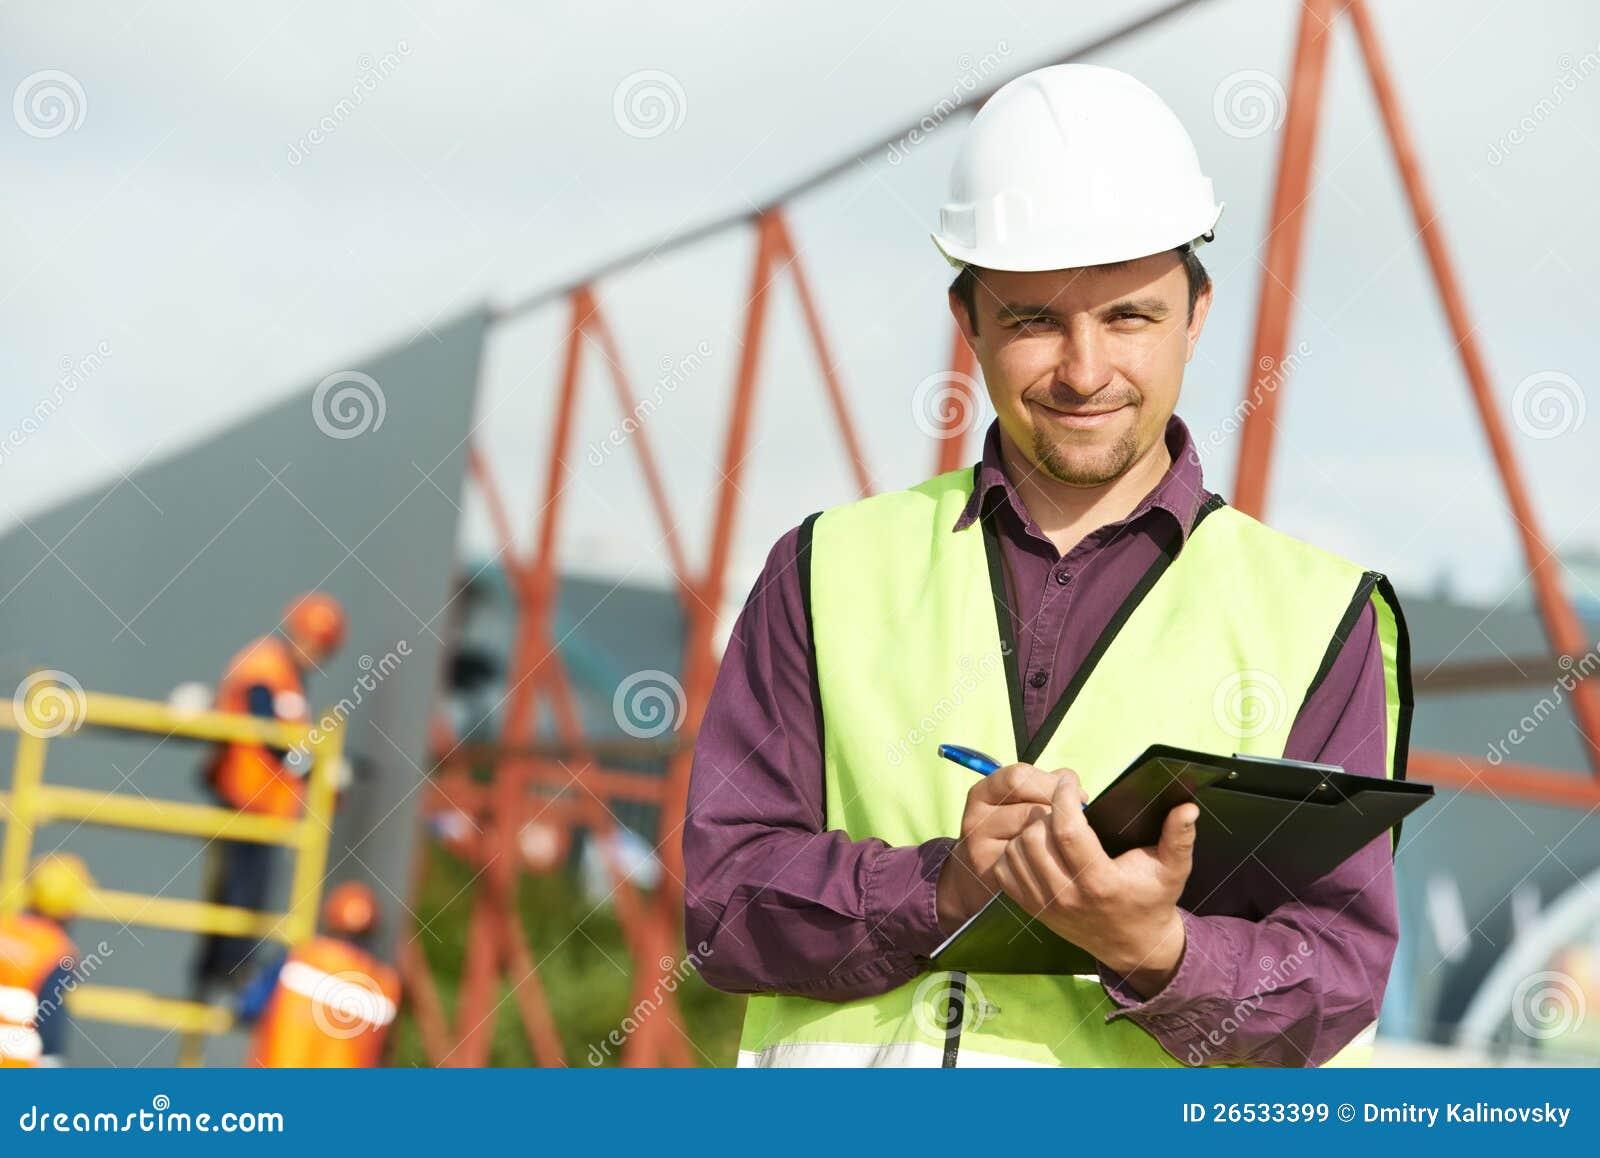 Εργαζόμενος διευθυντών περιοχών οικοδόμων στο εργοτάξιο οικοδομής